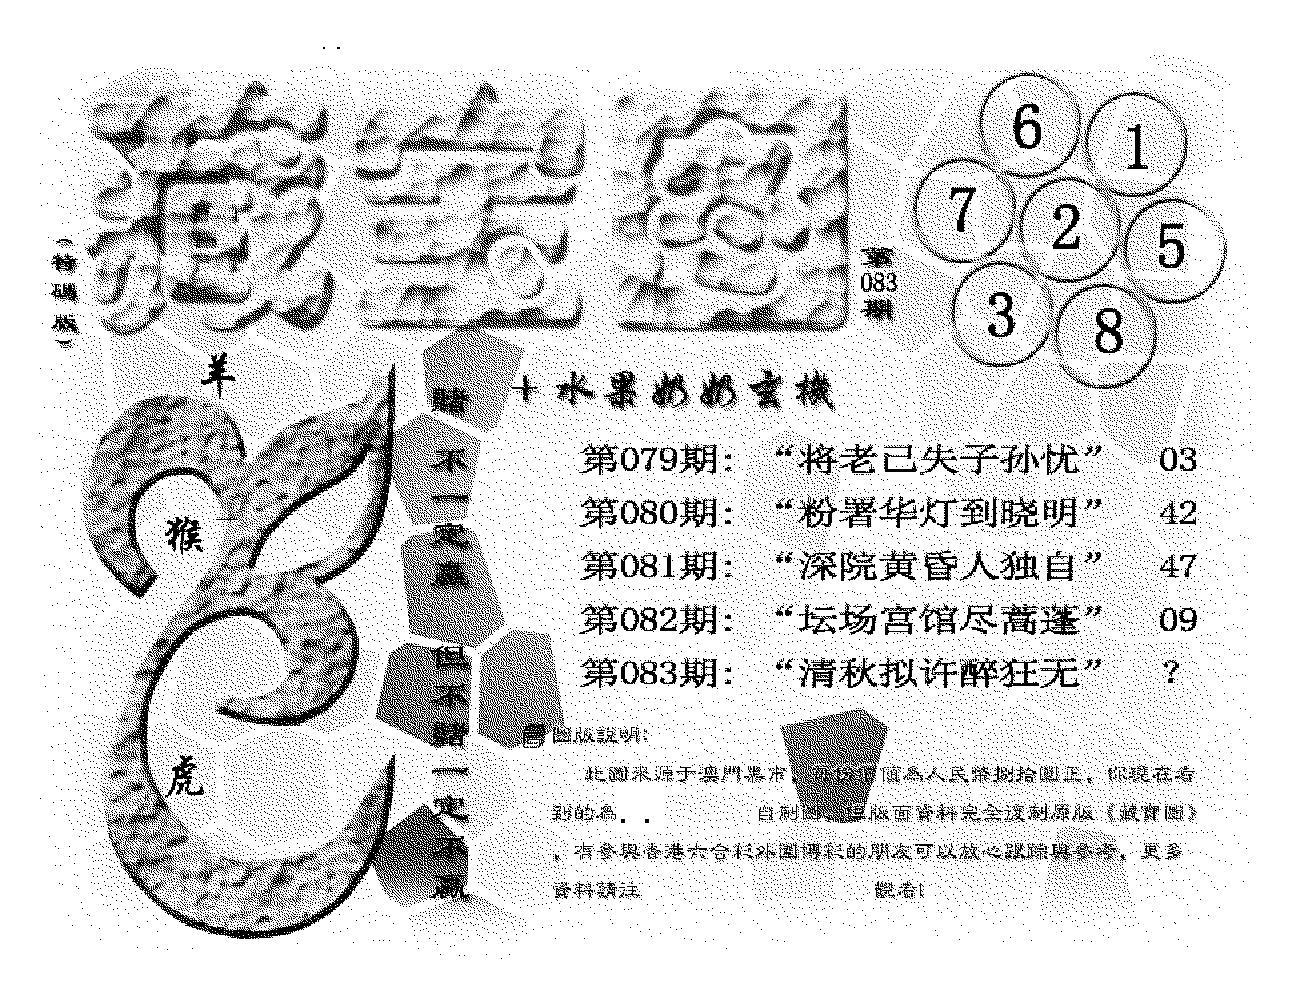 083期(九龙藏宝图)正版(黑白)